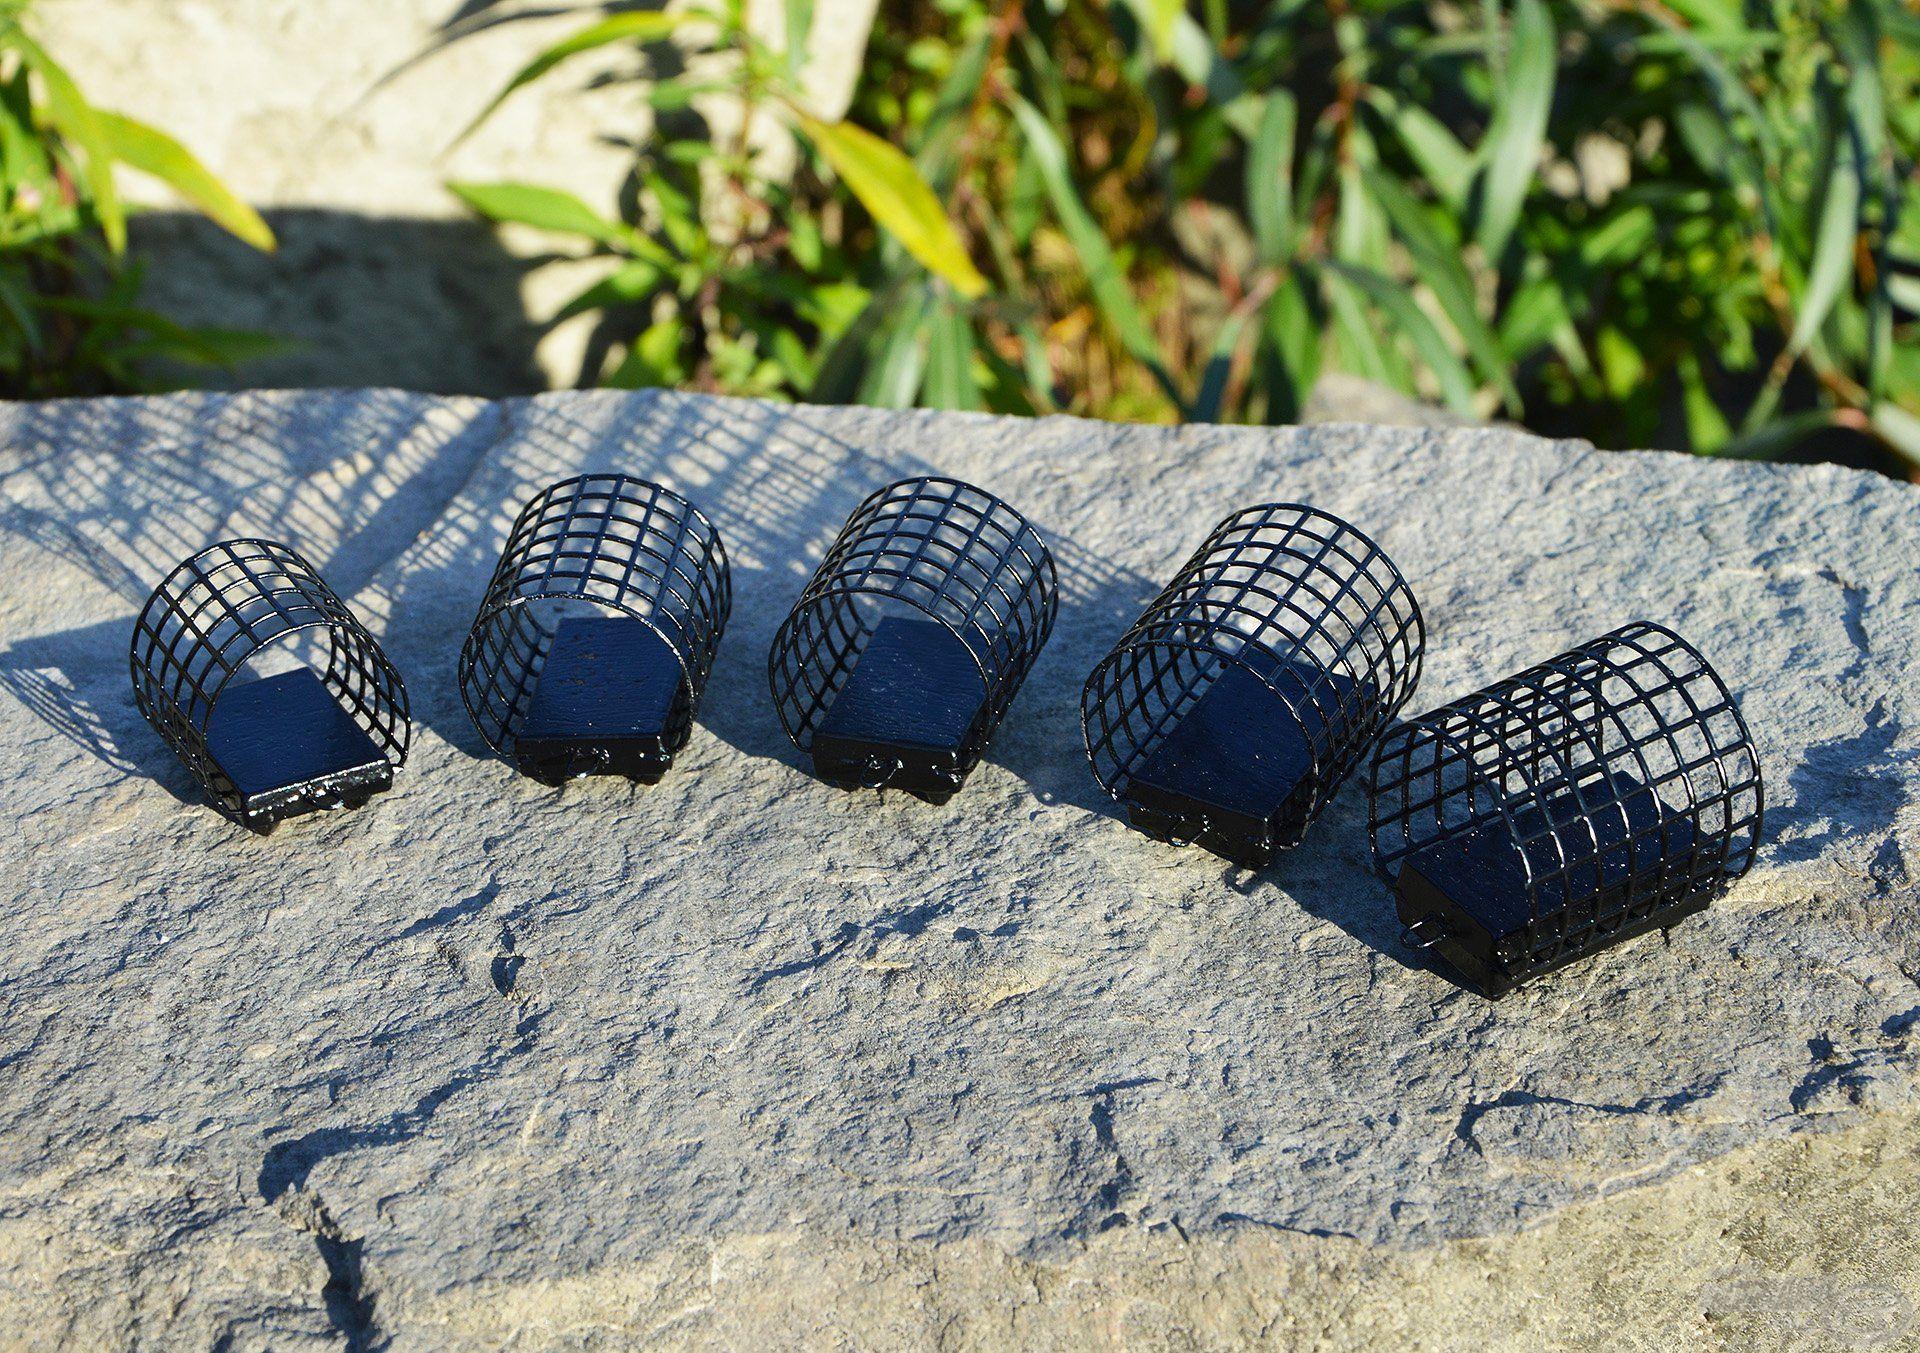 Három méretben, méretenként eltérő öntömeggel készülnek a River Feeder kosarak